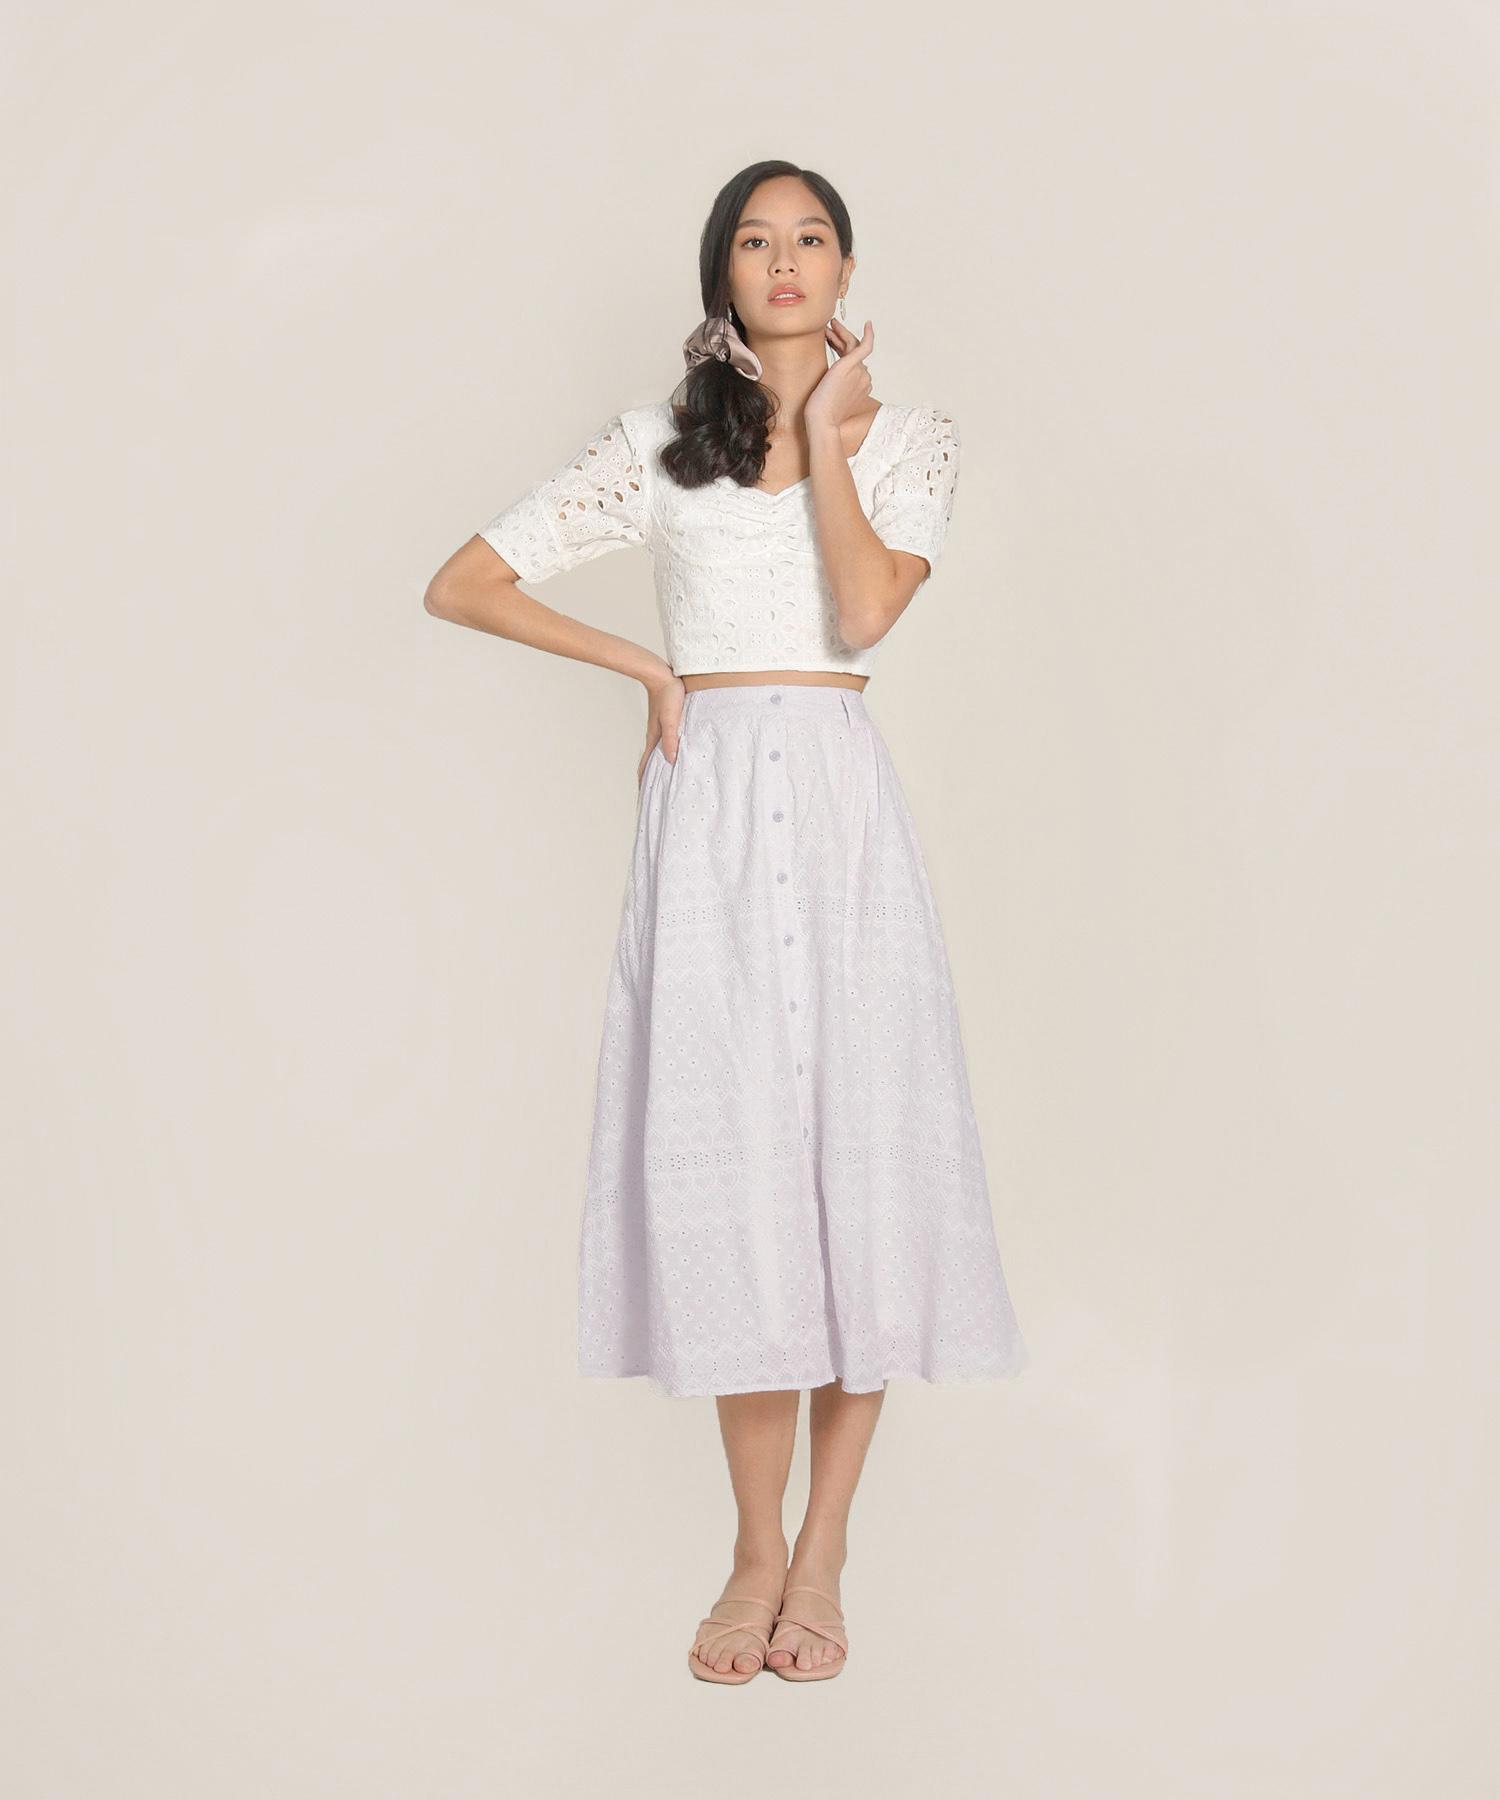 helene-embroidered-midi-skirt-white-2